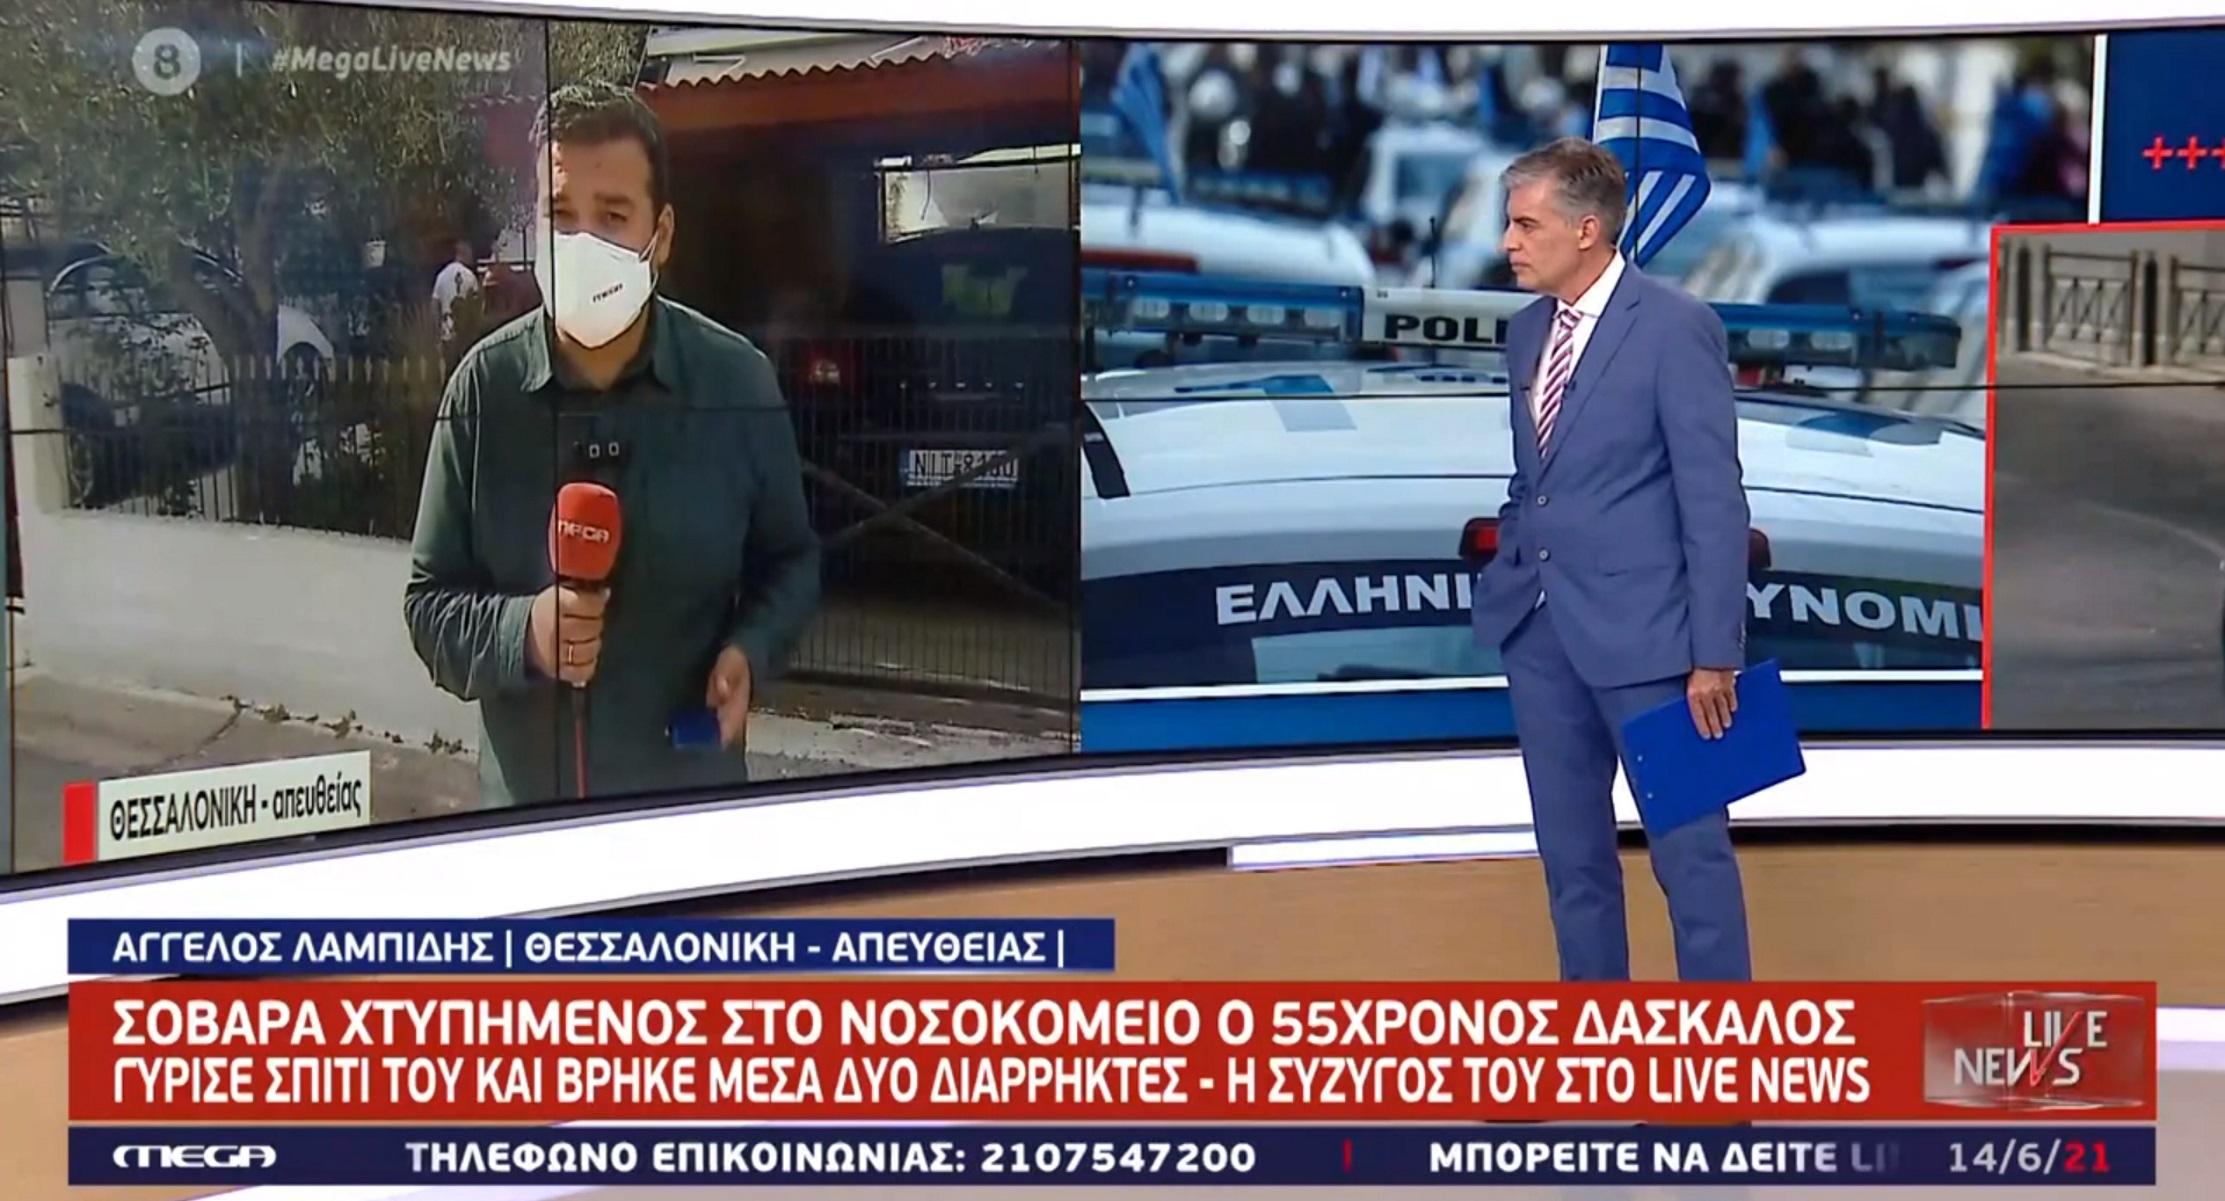 Θεσσαλονίκη: Στο νοσοκομείο ο 55χρονος που ήρθε τετ α τετ με διαρρήκτες (video)